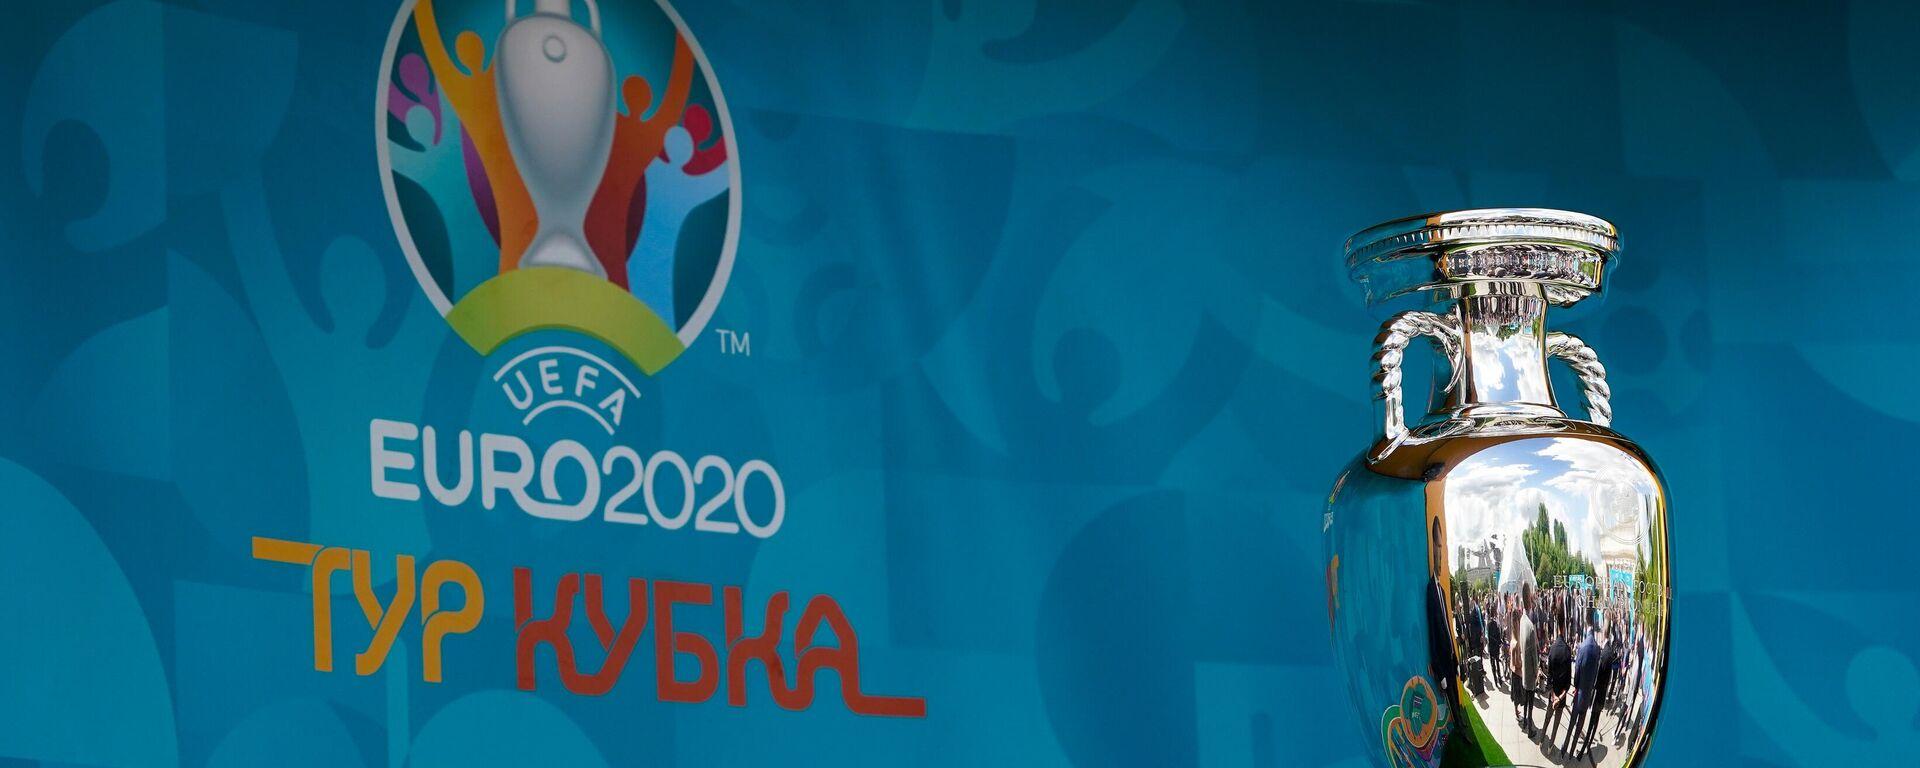 Pohár pro vítěze EURO 2020 - Sputnik Česká republika, 1920, 12.06.2021